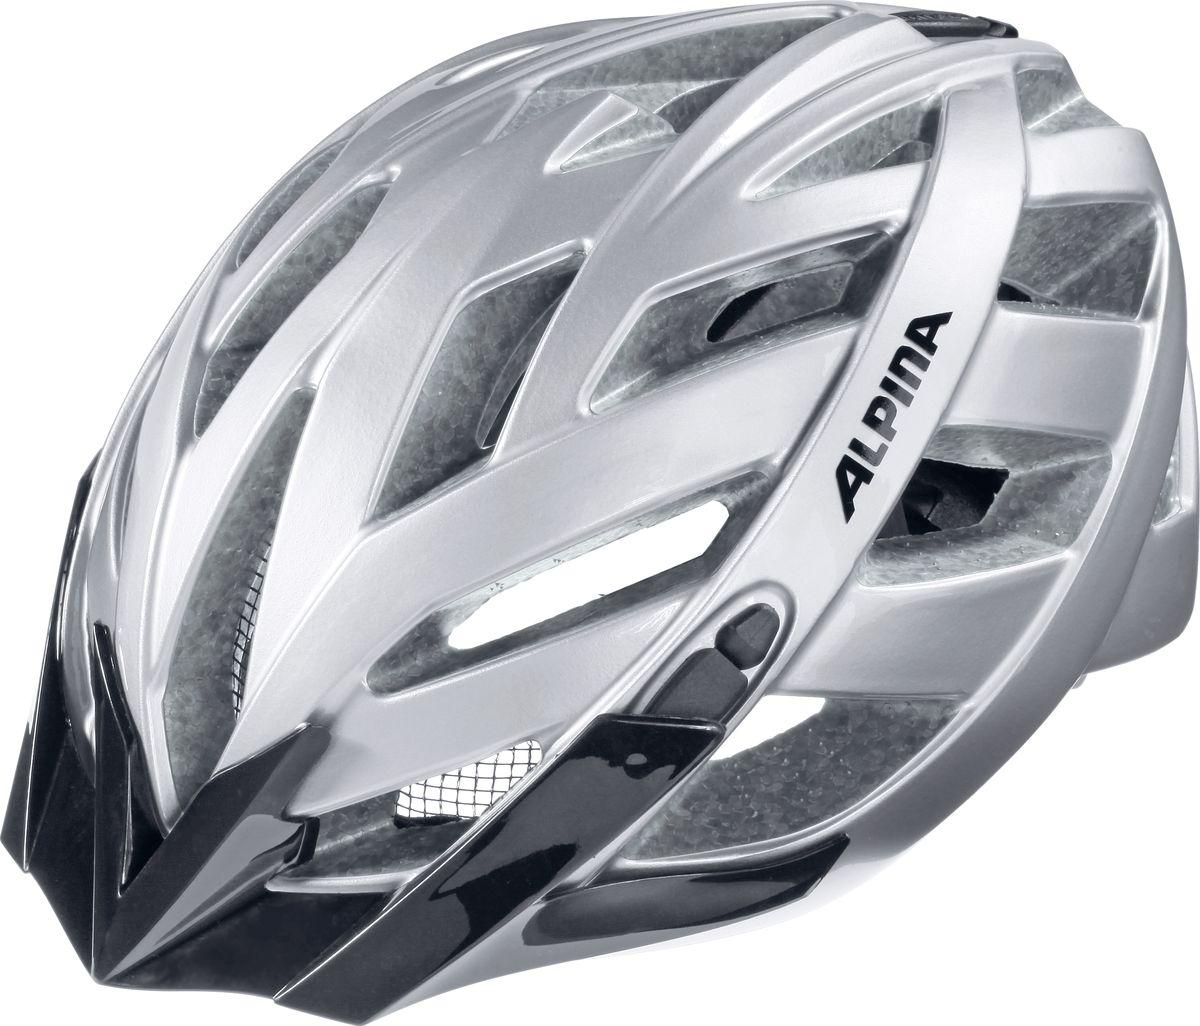 """Шлем летний Alpina """"Panoma Classic""""- это классический универсальный велосипедный шлем с превосходной посадкой. Panoma - верный компаньон в ежедневных поездках до работы и выездов по выходным. 23 вентиляционных отверстия.  Безопасность: Оболочка Inmold  Производственный процесс заключается в нагревании до высокой температуры внешней поликарбонатной оболочки и """"запекании"""" ее на EPS-тело шлема под высоким давлением. Этот процесс создает неразрывную связь по всей поверхности между внутренней и внешней оболочками, благодаря этому шлем получается не только очень легким, но и чрезвычайно стабильным. Hi-EPS  Внутренняя оболочка выполнена из Hi-EPS (вспененный полистирол). Этот материал состоит из множества микроскопических воздушных камер, которые эффективно поглощают силу удара. Hi-EPS обеспечивает оптимальную защиту в сочетании с экстратонкими стенками. Ceramic  Материал объединяет несколько преимуществ: устойчив к ударам и царапинам, содержит ультрафиолетовые стабилизаторы и антистатичен. Эргономика:  Run System Classic  Если вы используете свой велосипед для того, чтобы съездить по магазинам, вам не нужна сложная система регулировки. Система подгонки Run System Classic отвечает этим требованиям красивым, простым и надежным колесом регулировки. Система Run System Classic проста в использовании и держит шлем надежно, там где он должен быть - на голове. Y-Clip  Шлем может обеспечить правильную защиту, только если он остается на месте в случае удара. Крепление, которое соединяет две полоски под ухом имеет решающее значение в этом случае. Система Y-Clip Alpina гарантирует идеальную подгонку до последнего миллиметра за считанные секунды. Ergomatic  Проверенная бесчисленное количество раз, эта пряжка используется во всех шлемах Alpina. Из особенностей: красная кнопка приводящая в действие механизм автоматической многоступенчатой регулировки. Пряжку можно расстегнуть или застегнуть одной рукой, так, например, вы можете ослабить ремень при езде в гору, и затянуть его снова на сп"""